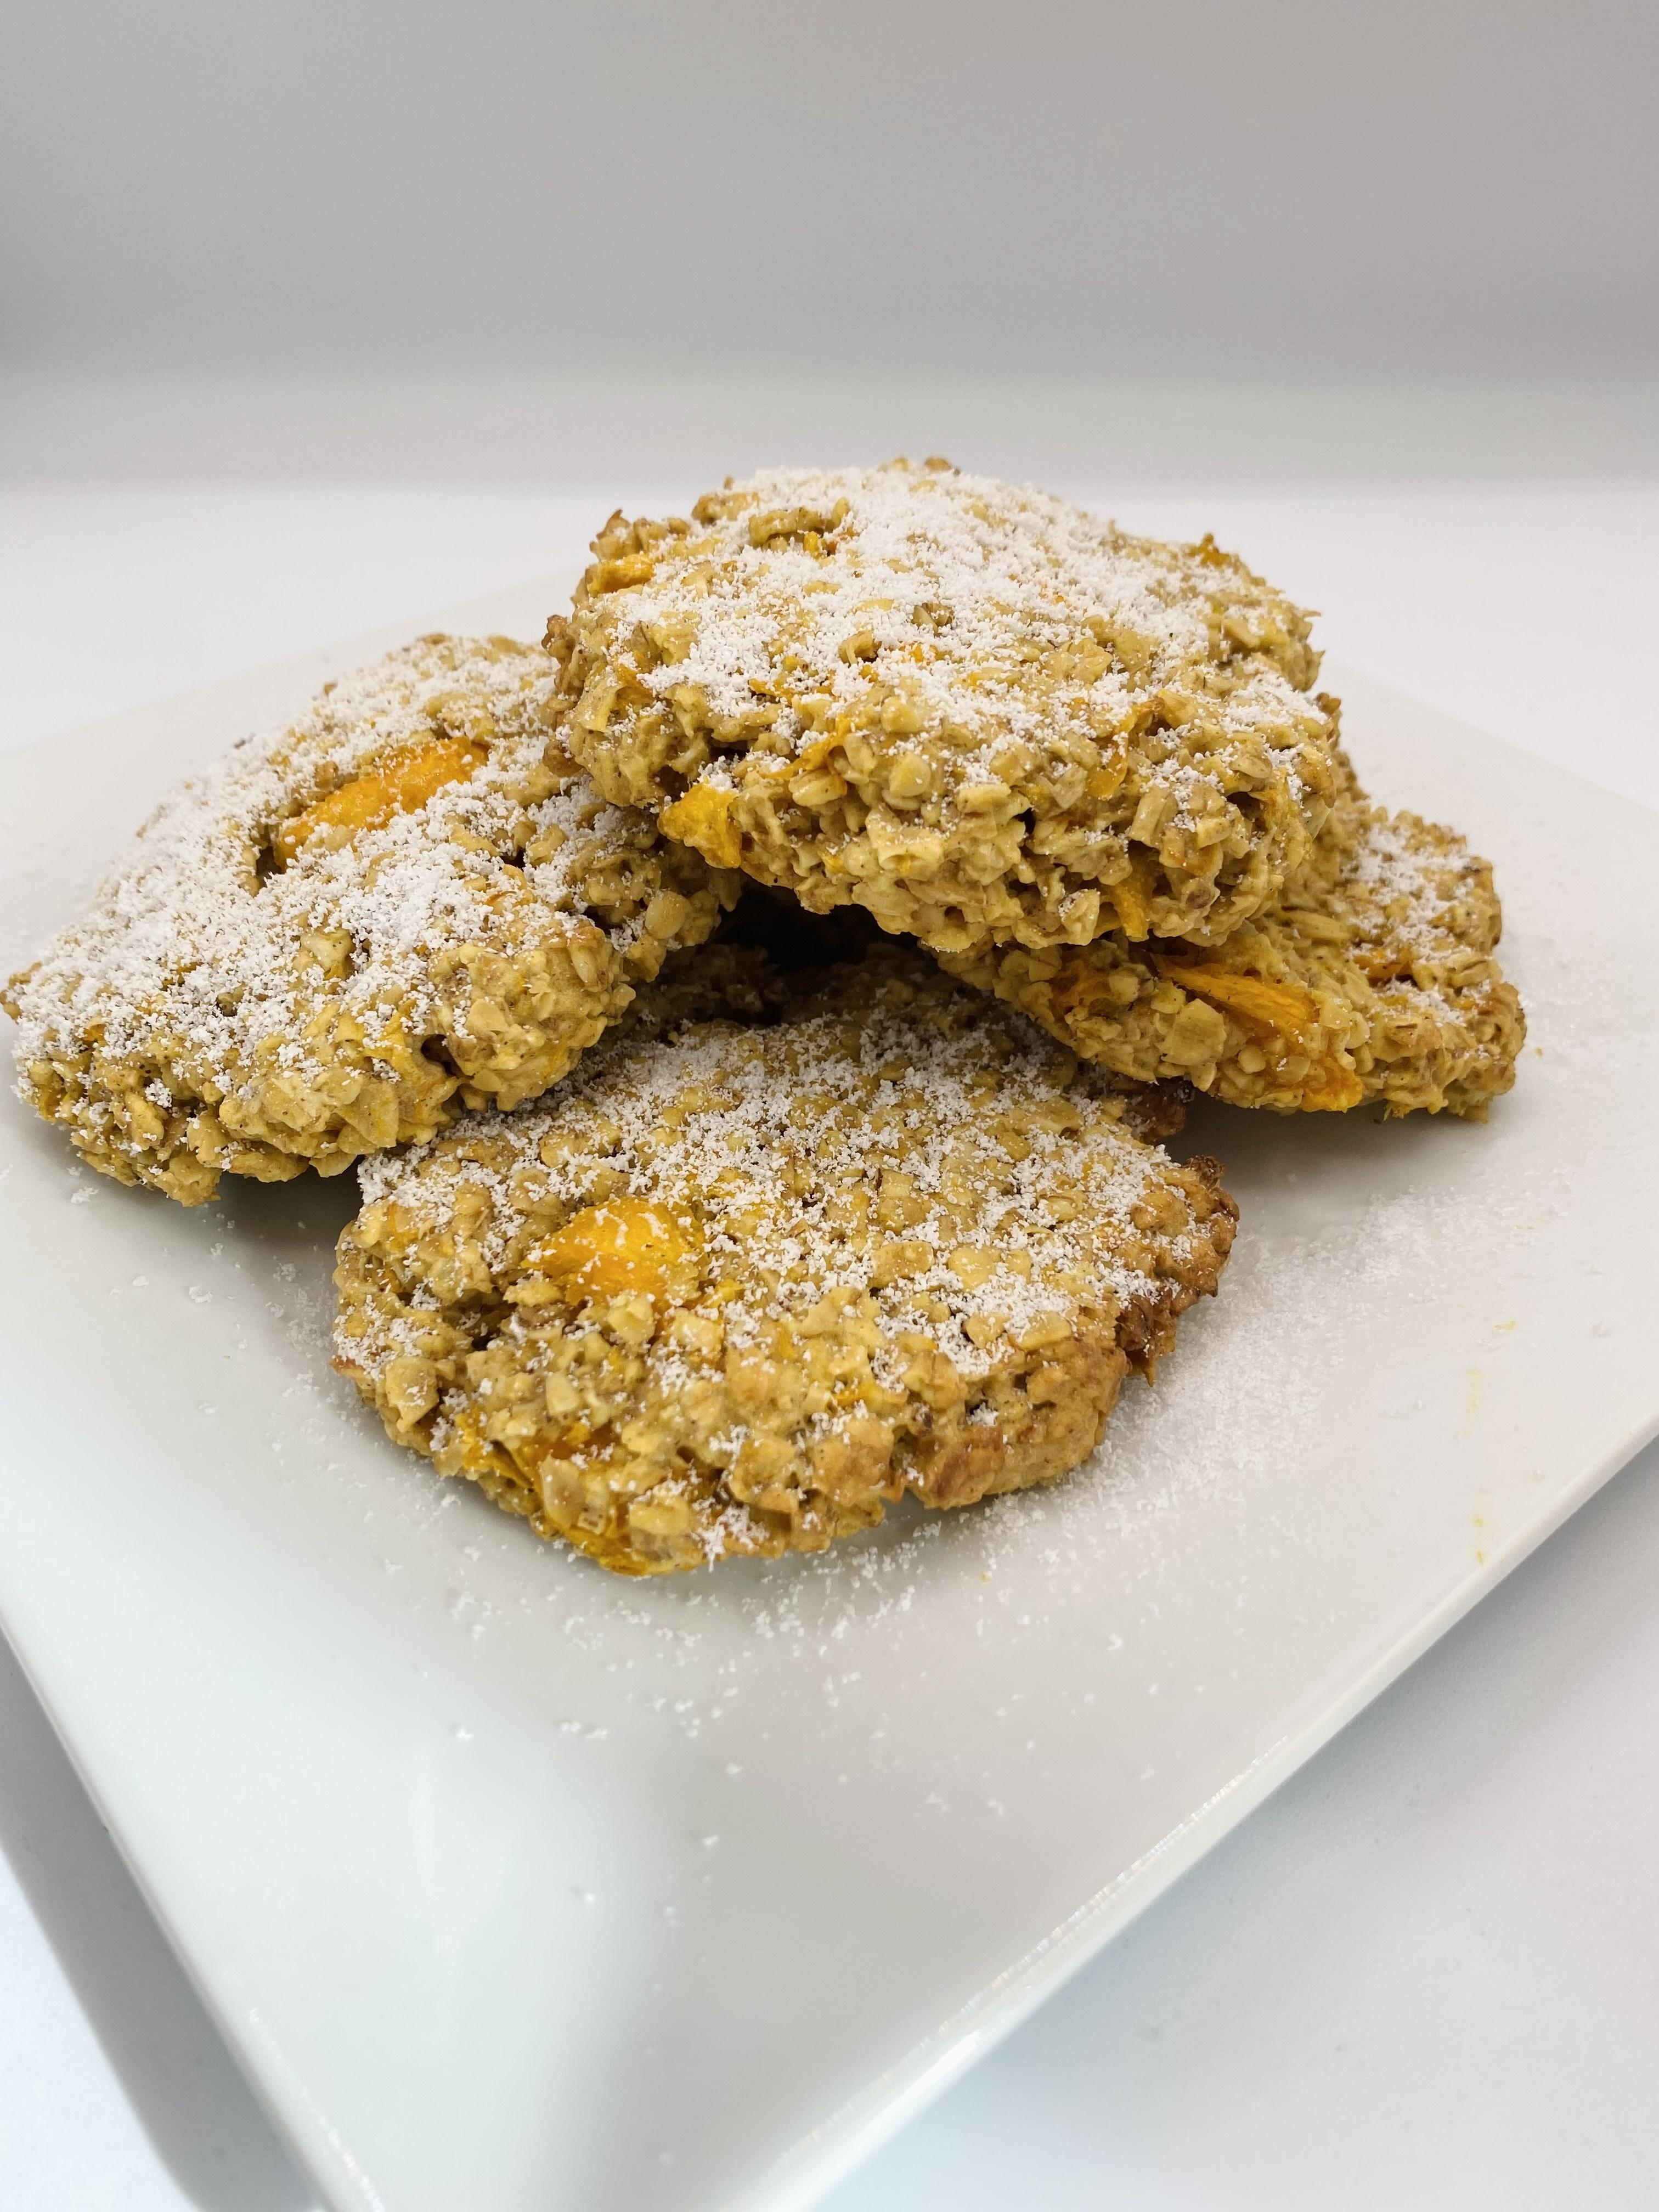 Pumpkin and oat cookies